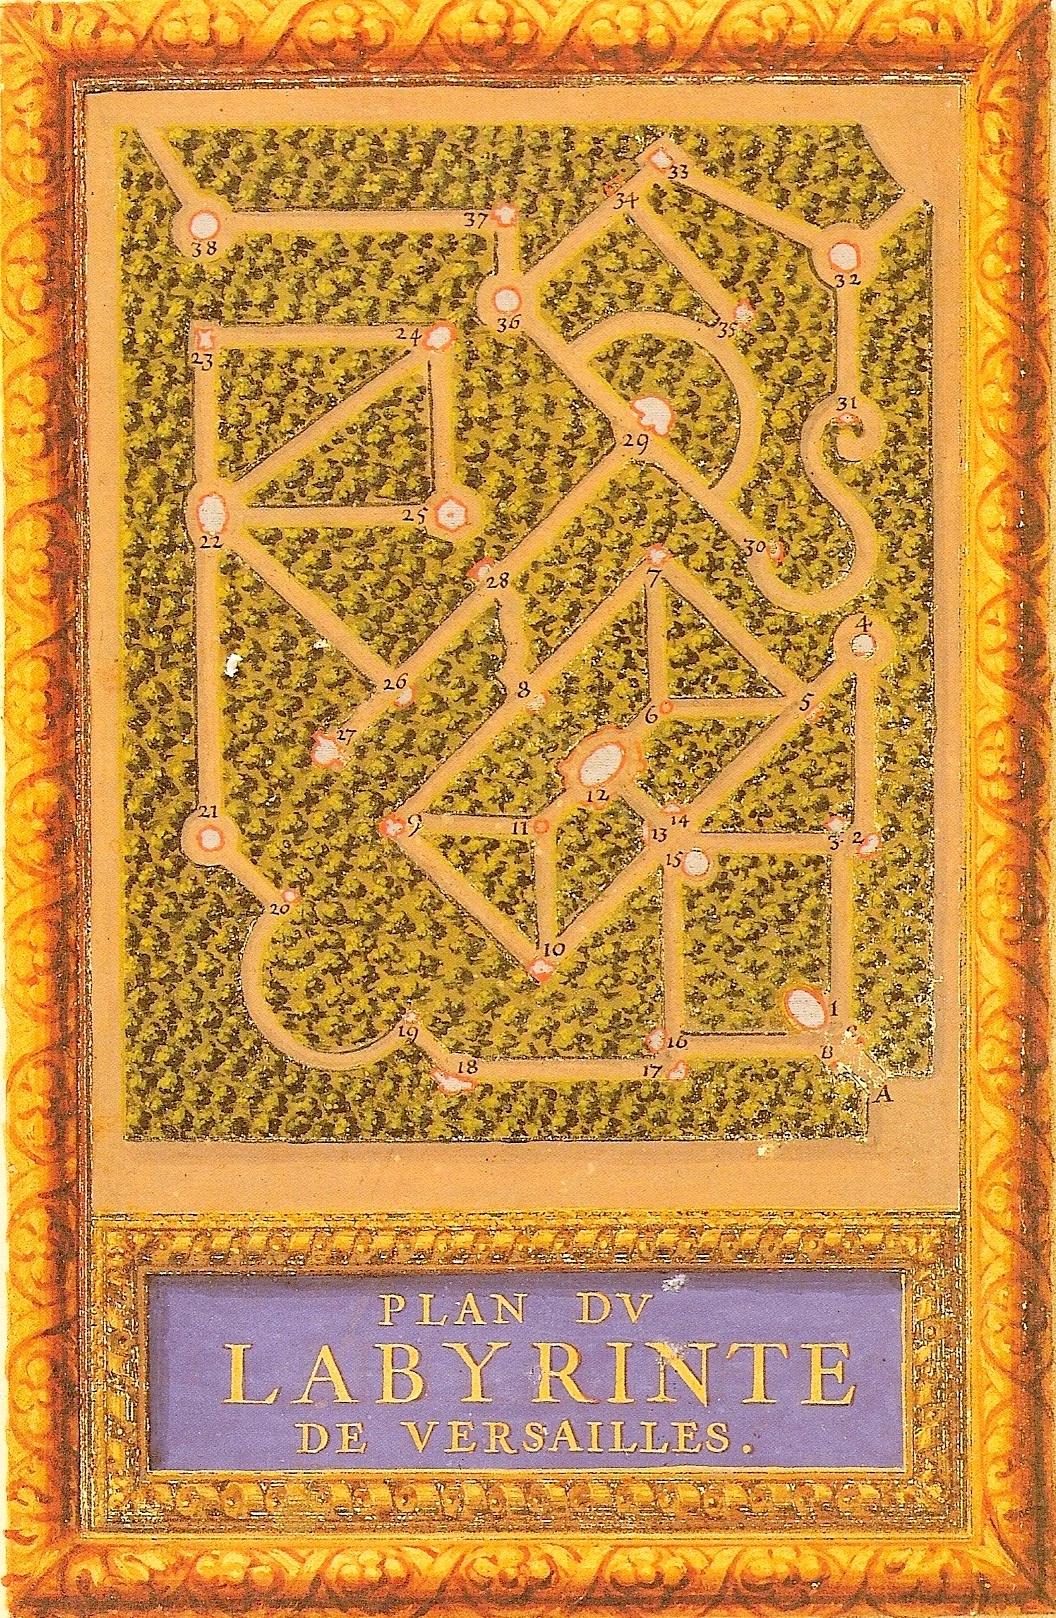 bosquet disparu du labyrinthe petit parc de versailles plan andr le n tre. Black Bedroom Furniture Sets. Home Design Ideas